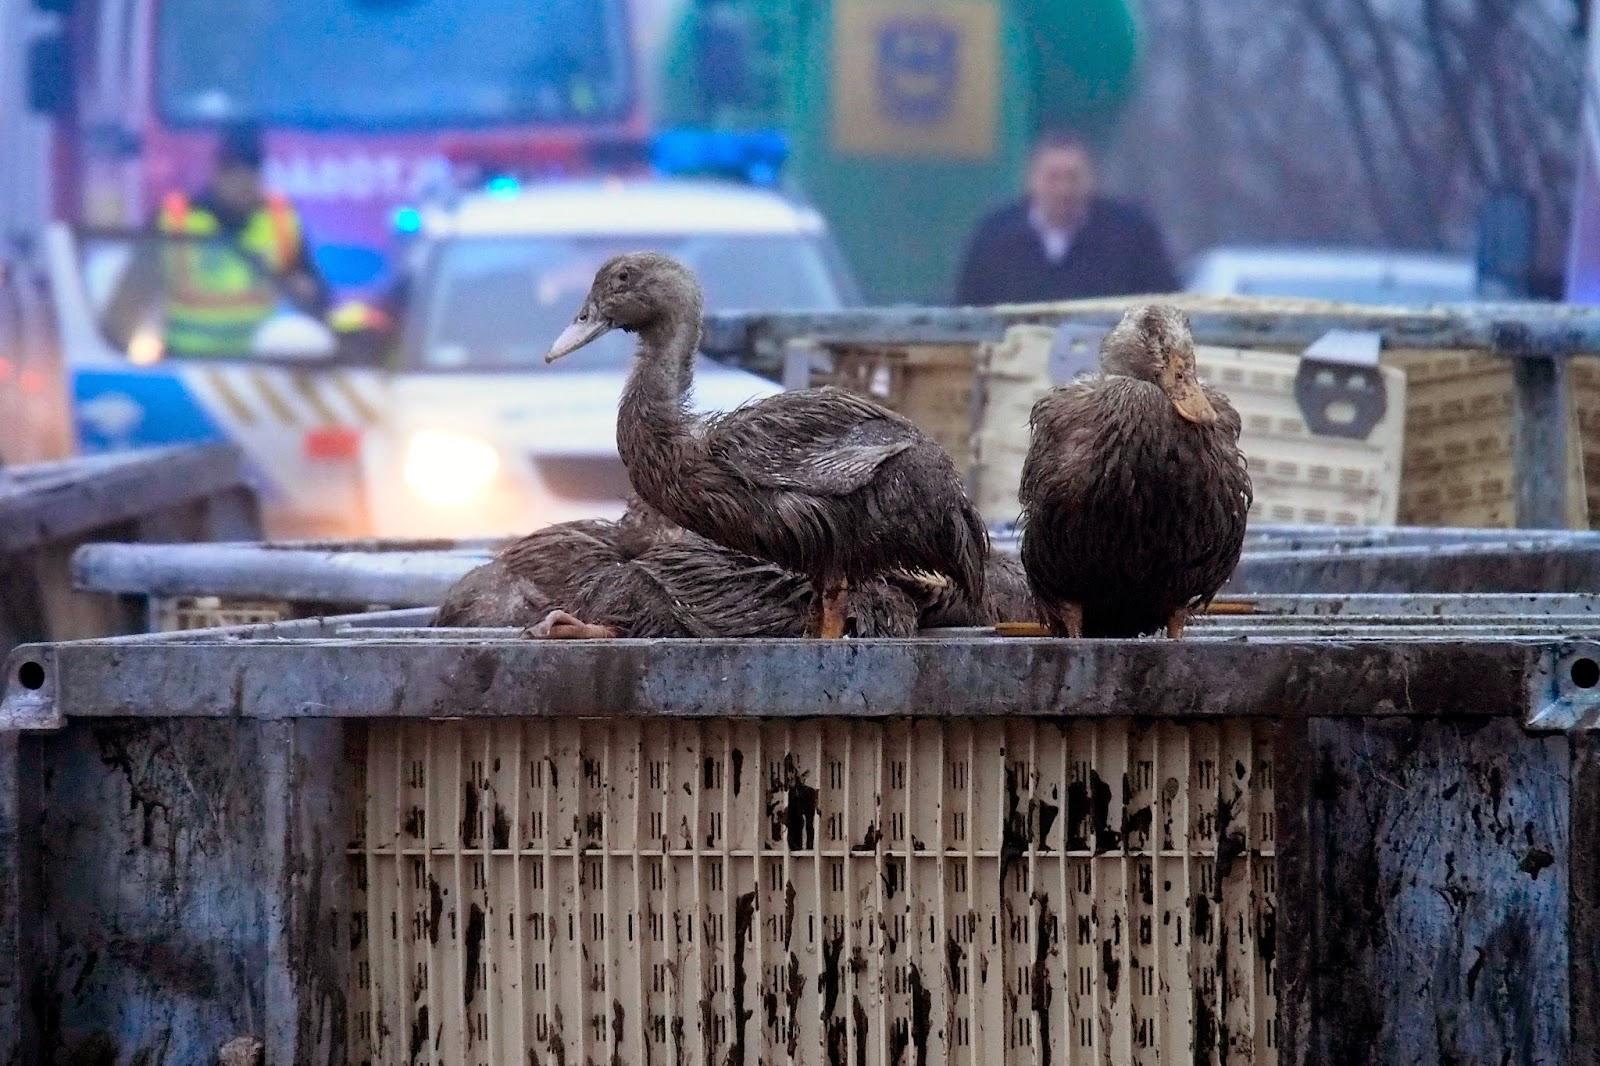 közúti baleset, állatok, Ópusztaszer, Magyarország, kacsa,